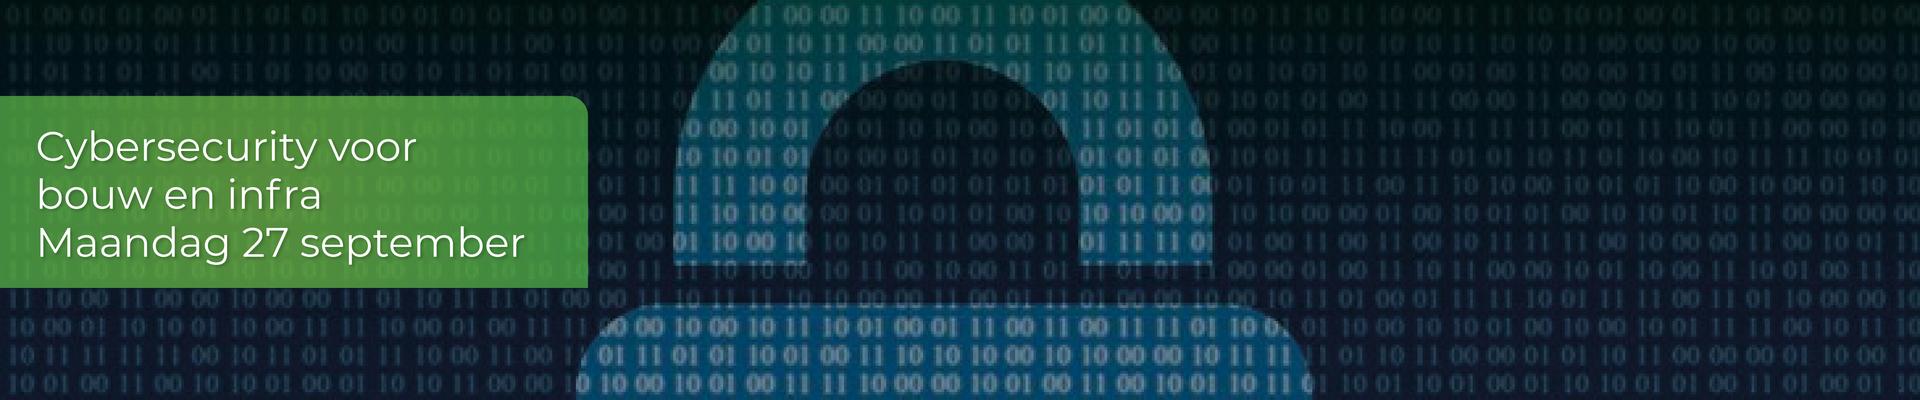 Cybersecurity voor bouw en infra